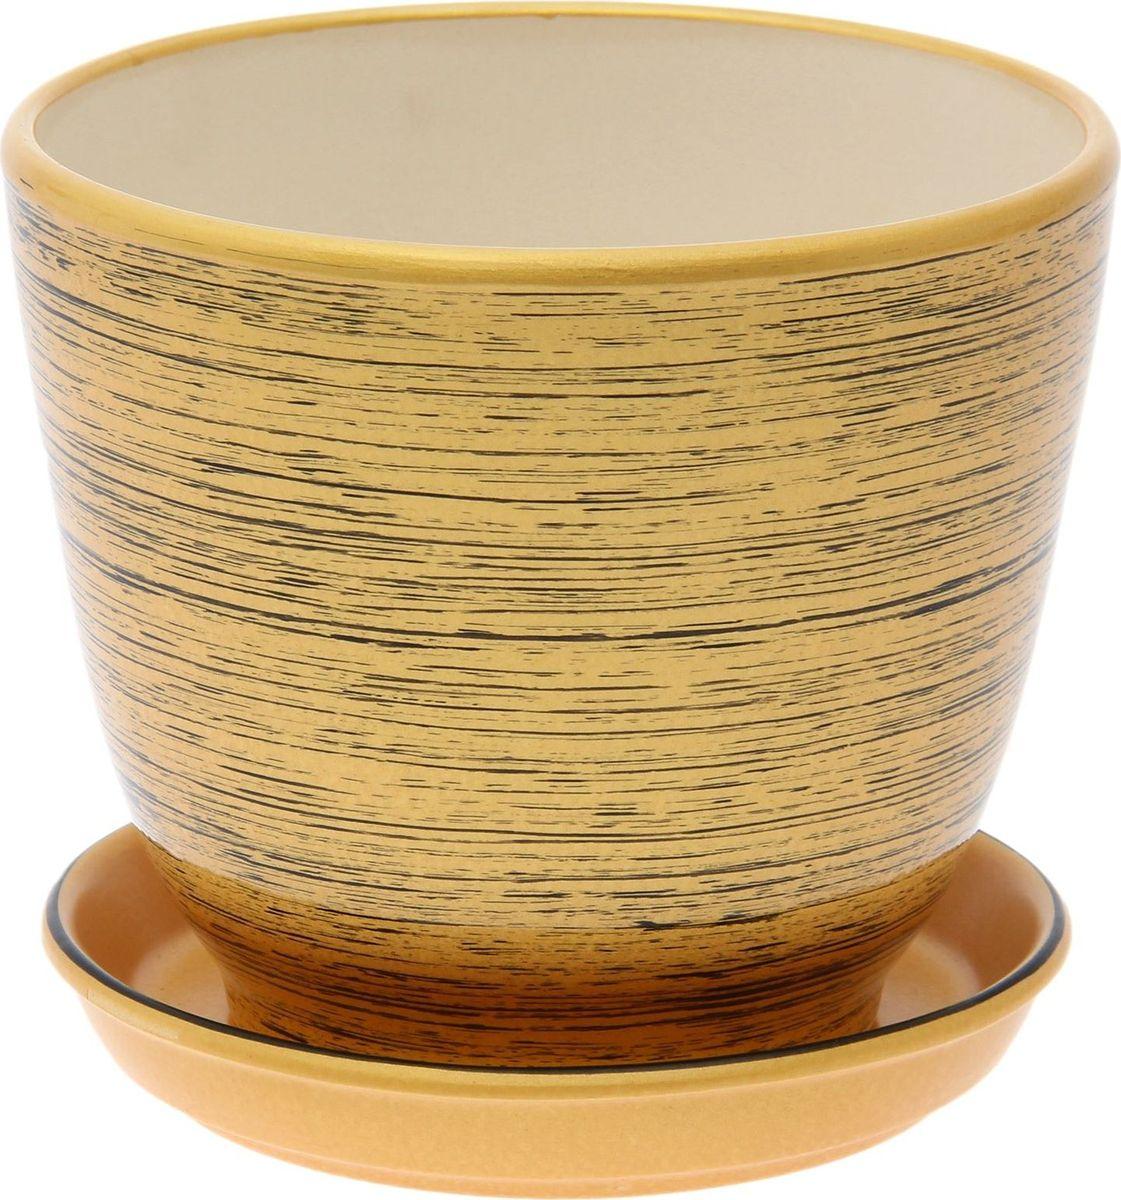 Кашпо Керамика ручной работы Кедр. Глянец, цвет: золотой, черный, 2,2 л1489691Комнатные растения - всеобщие любимцы. Они радуют глаз, насыщают помещение кислородом и украшают пространство. Каждому из них необходим свой удобный и красивый дом. Кашпо из керамики прекрасно подходят для высадки растений:пористый материал позволяет испаряться лишней влаге;воздух, необходимый для дыхания корней, проникает сквозь керамические стенки. Кашпо Кедр. Глянец позаботится о зеленом питомце, освежит интерьер и подчеркнет его стиль.